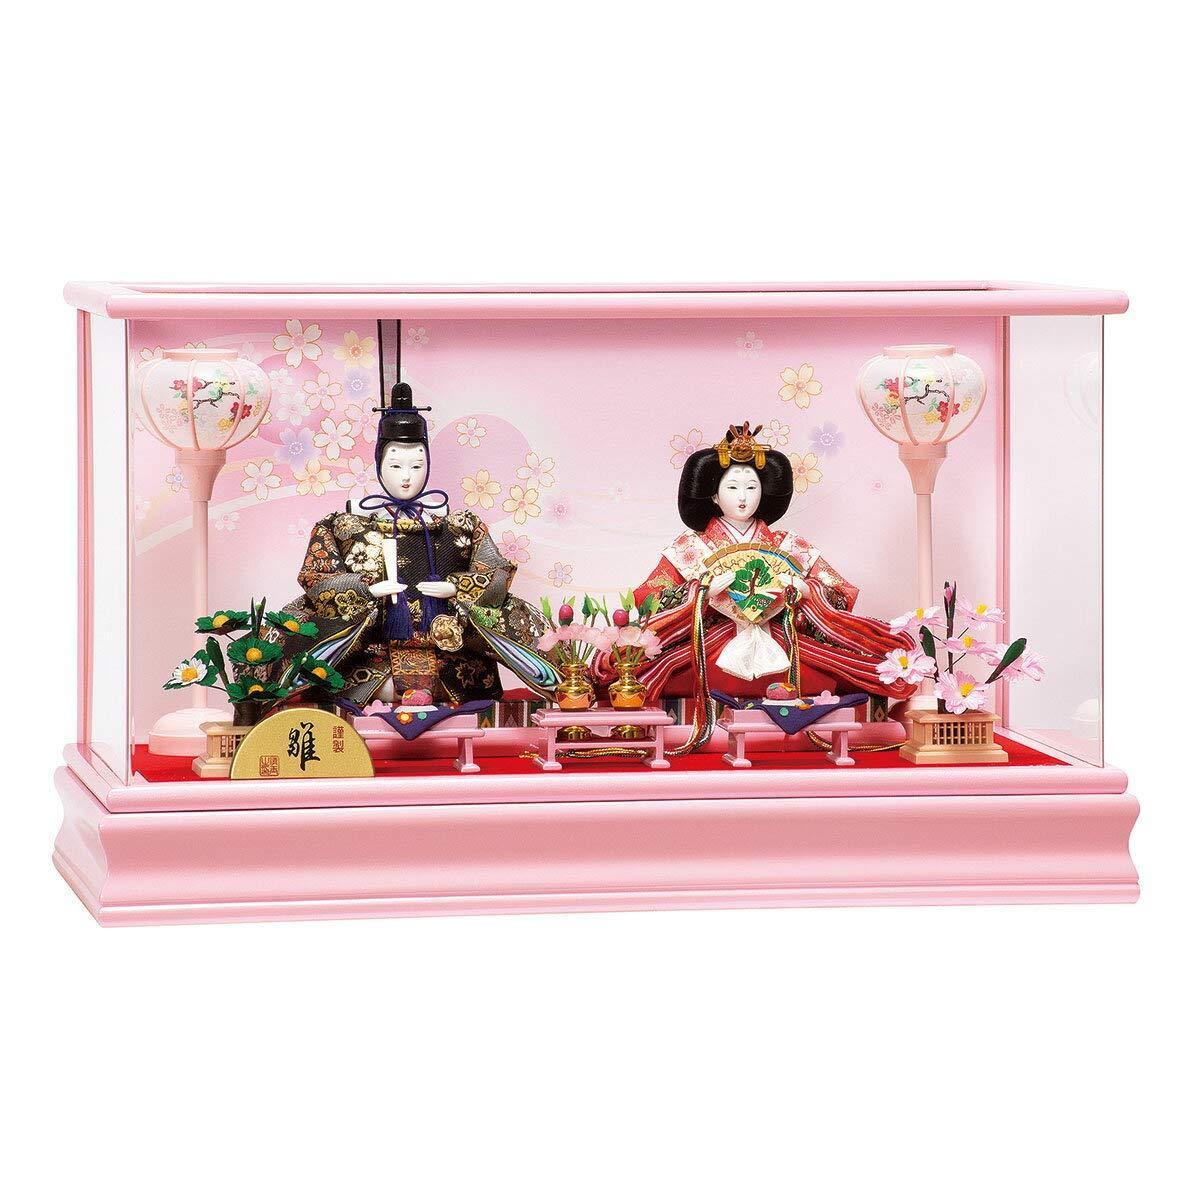 雛人形 真理 三五親王 アクリルケース飾り ひな人形 ケース飾り 平安豊久 HNH-333548 HD-165   B07KD12XZC